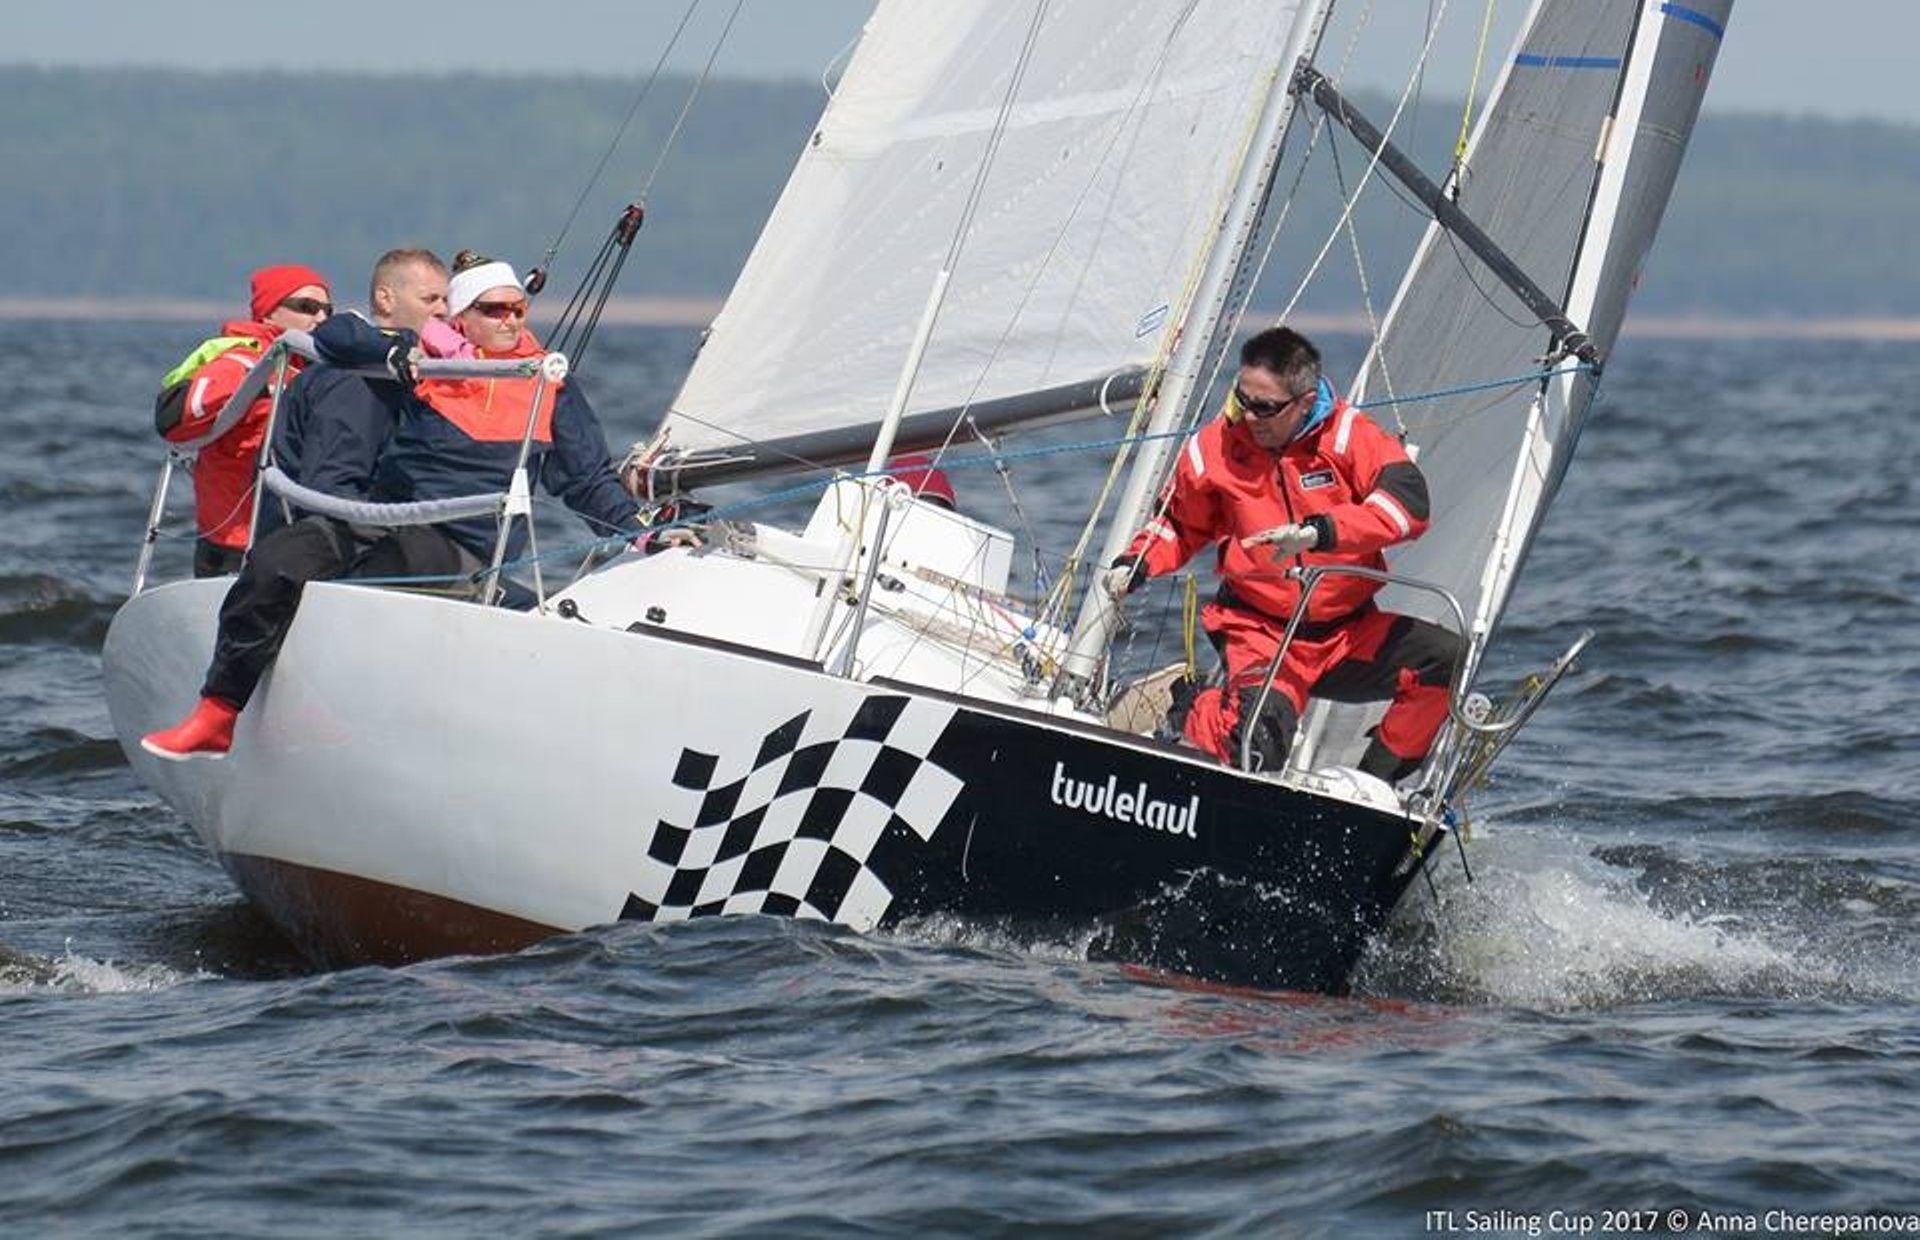 https://media.insailing.com/boat/tuulelaul-tuulelaul/image_1581498684500.jpg